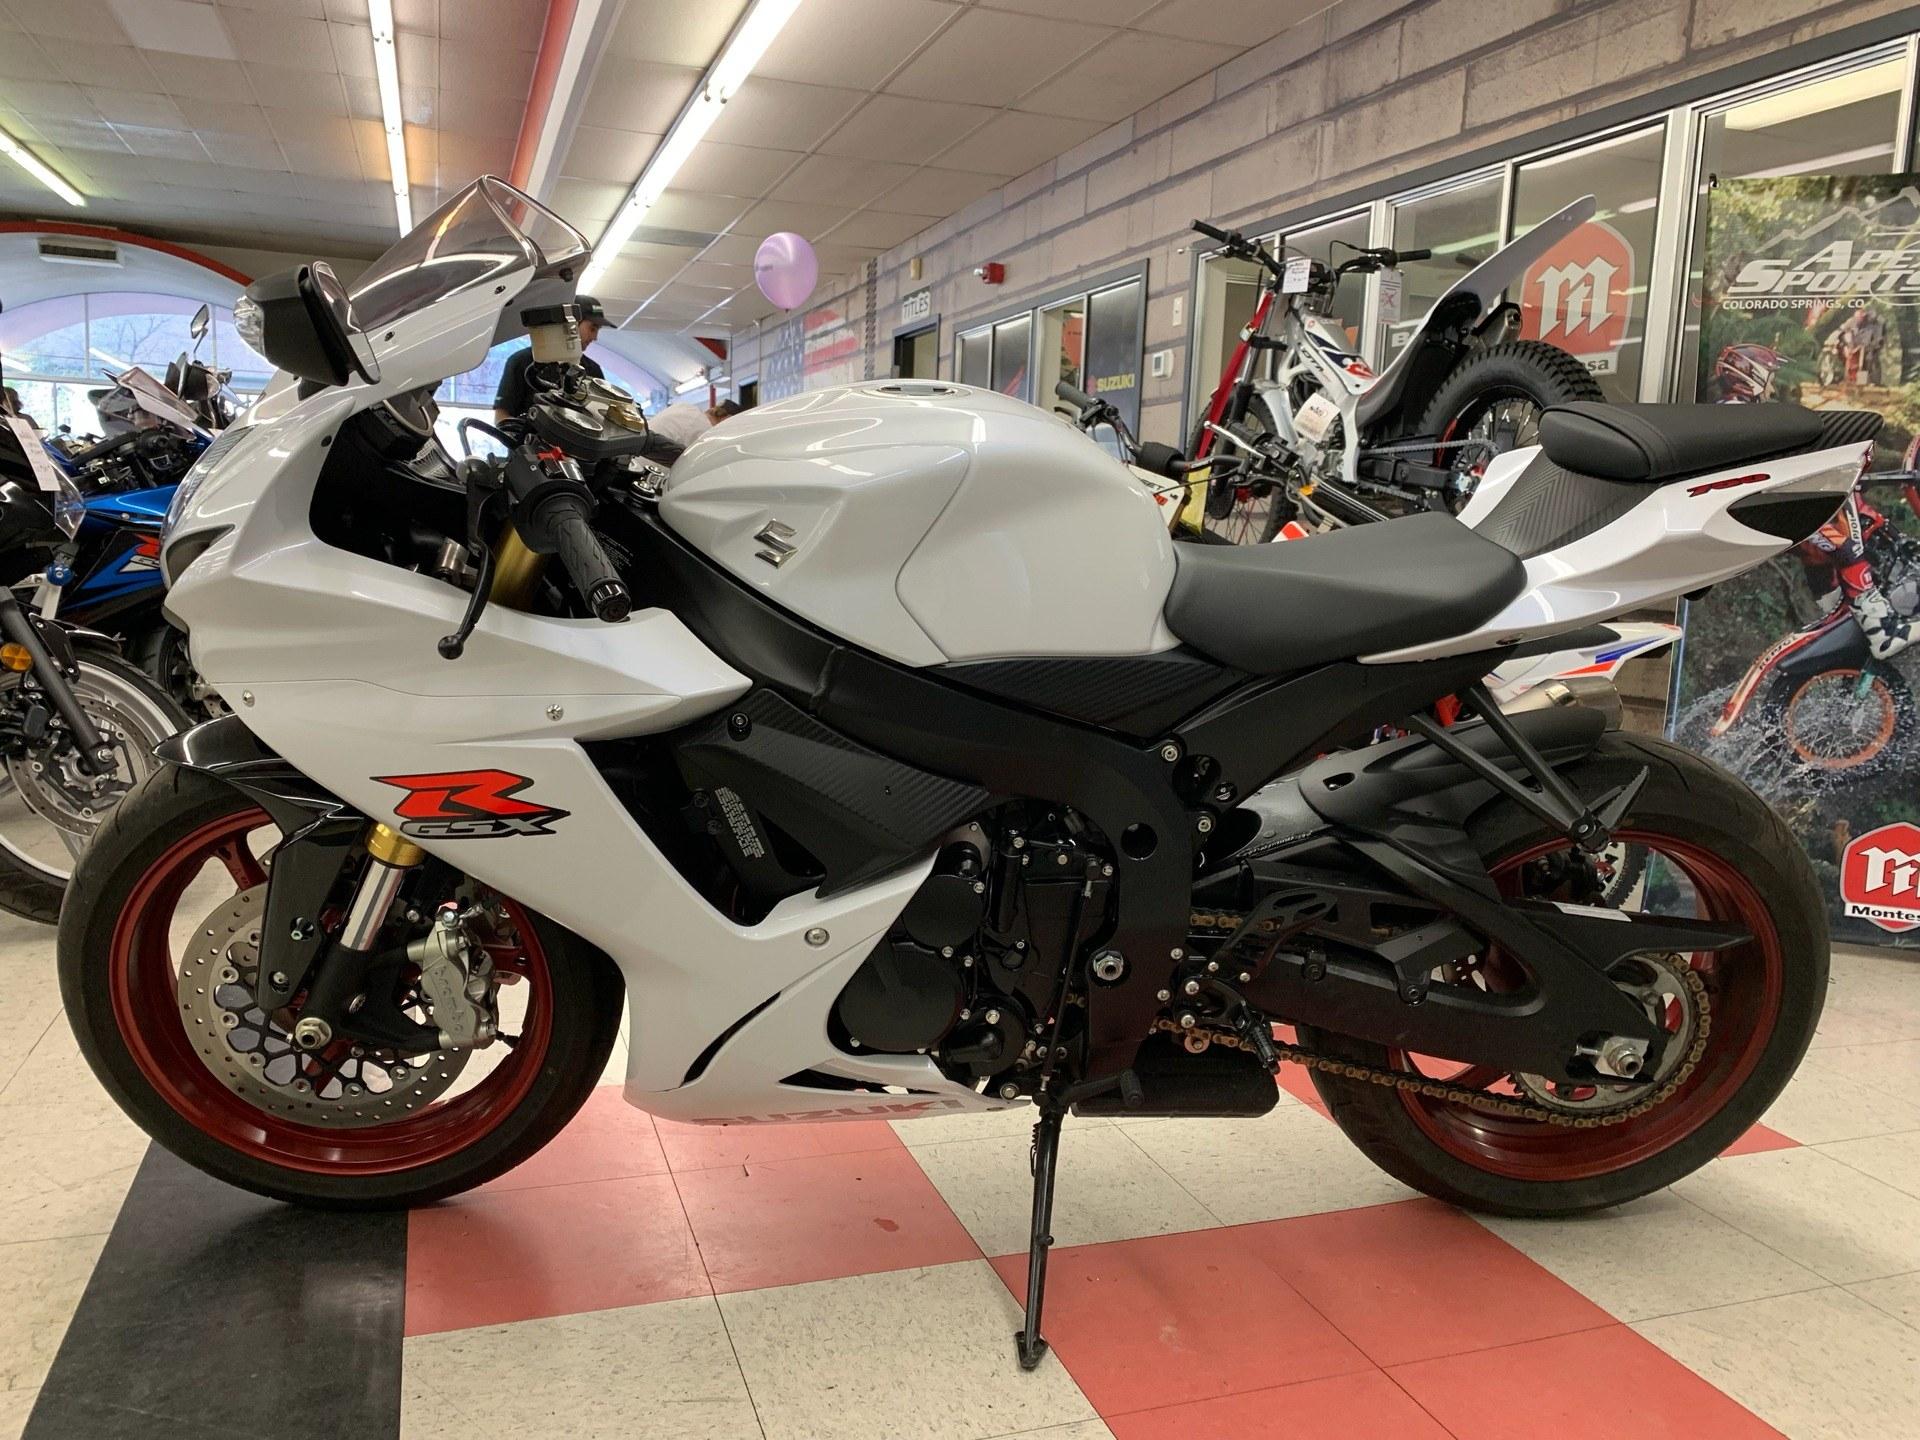 2017 Suzuki GSX-R750 for sale 119902